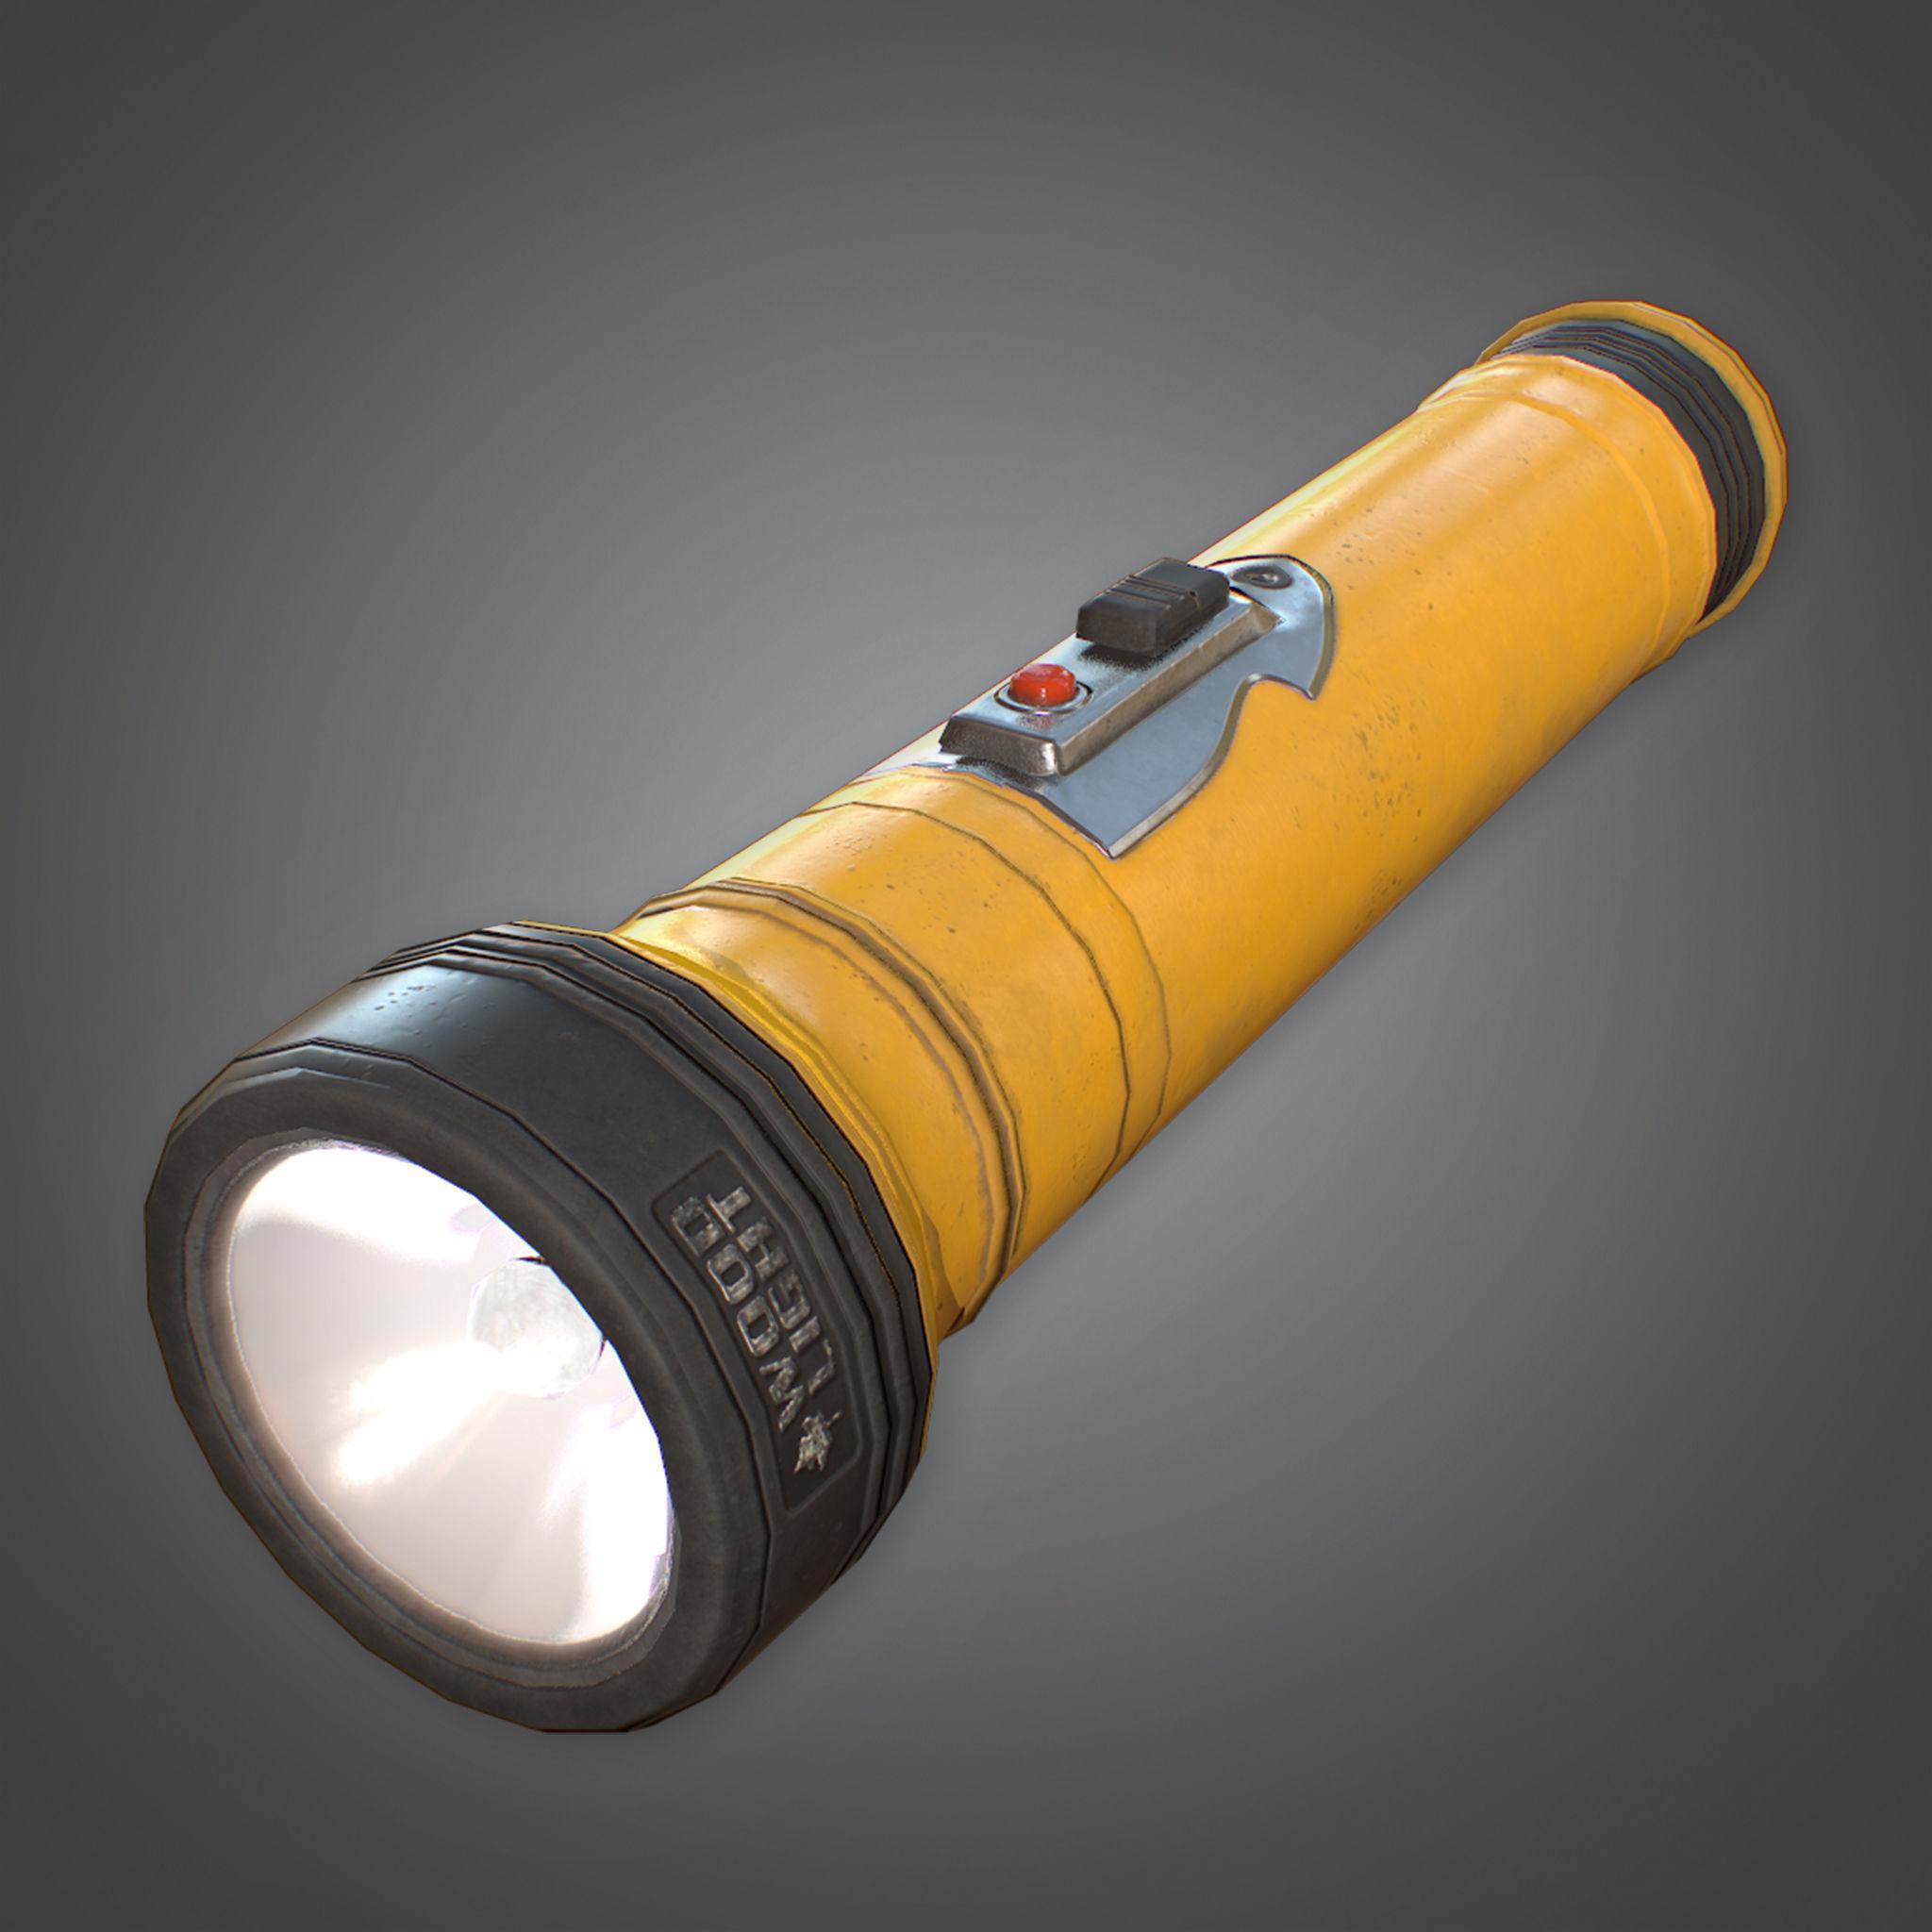 CAM - Flashlight - PBR Game Ready